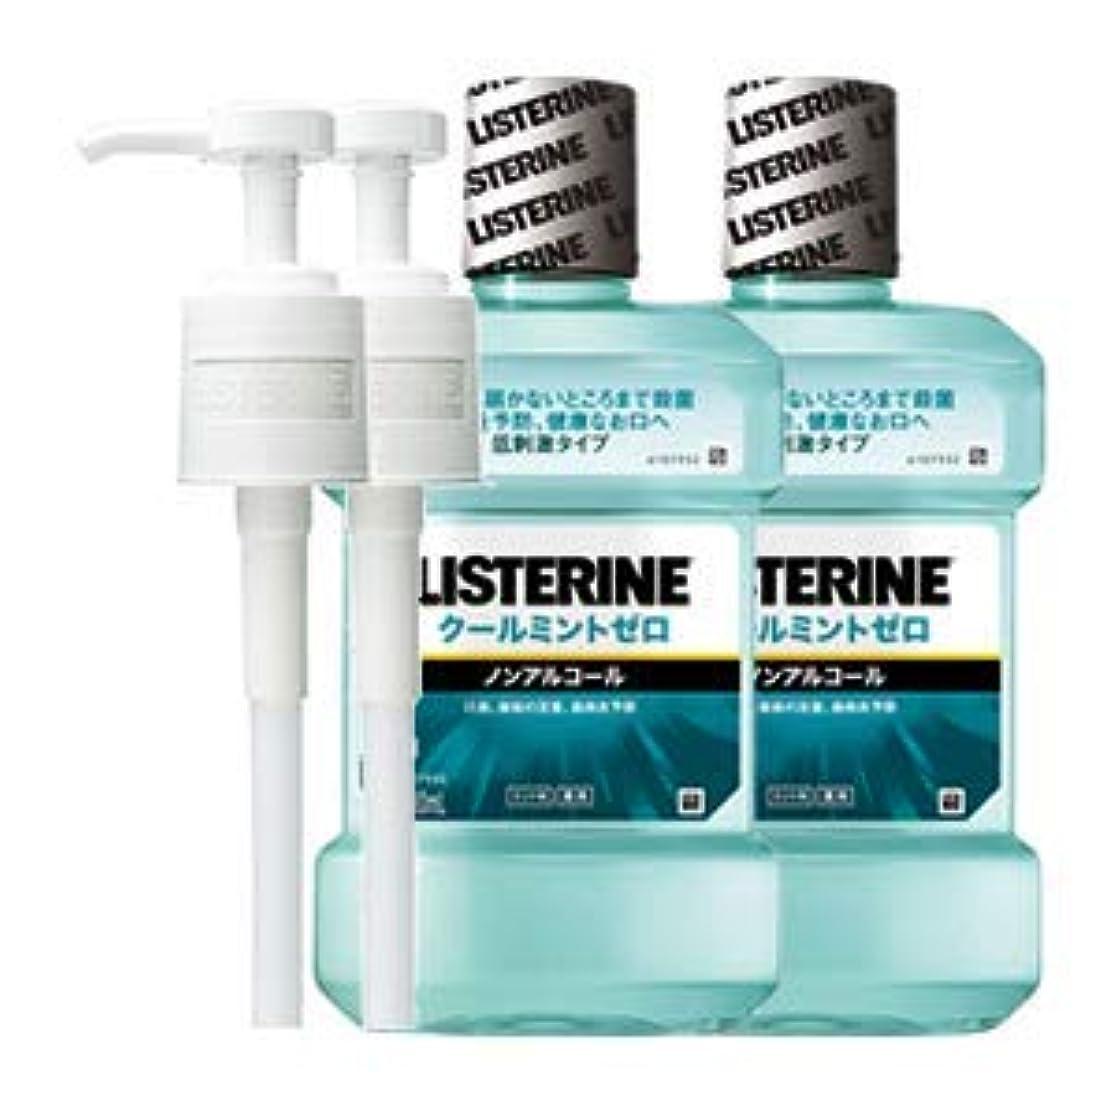 最大化する漁師内向き薬用 リステリン クールミント ゼロ (マウスウォッシュ/洗口液) 1000mL 2点セット (ポンプ付)